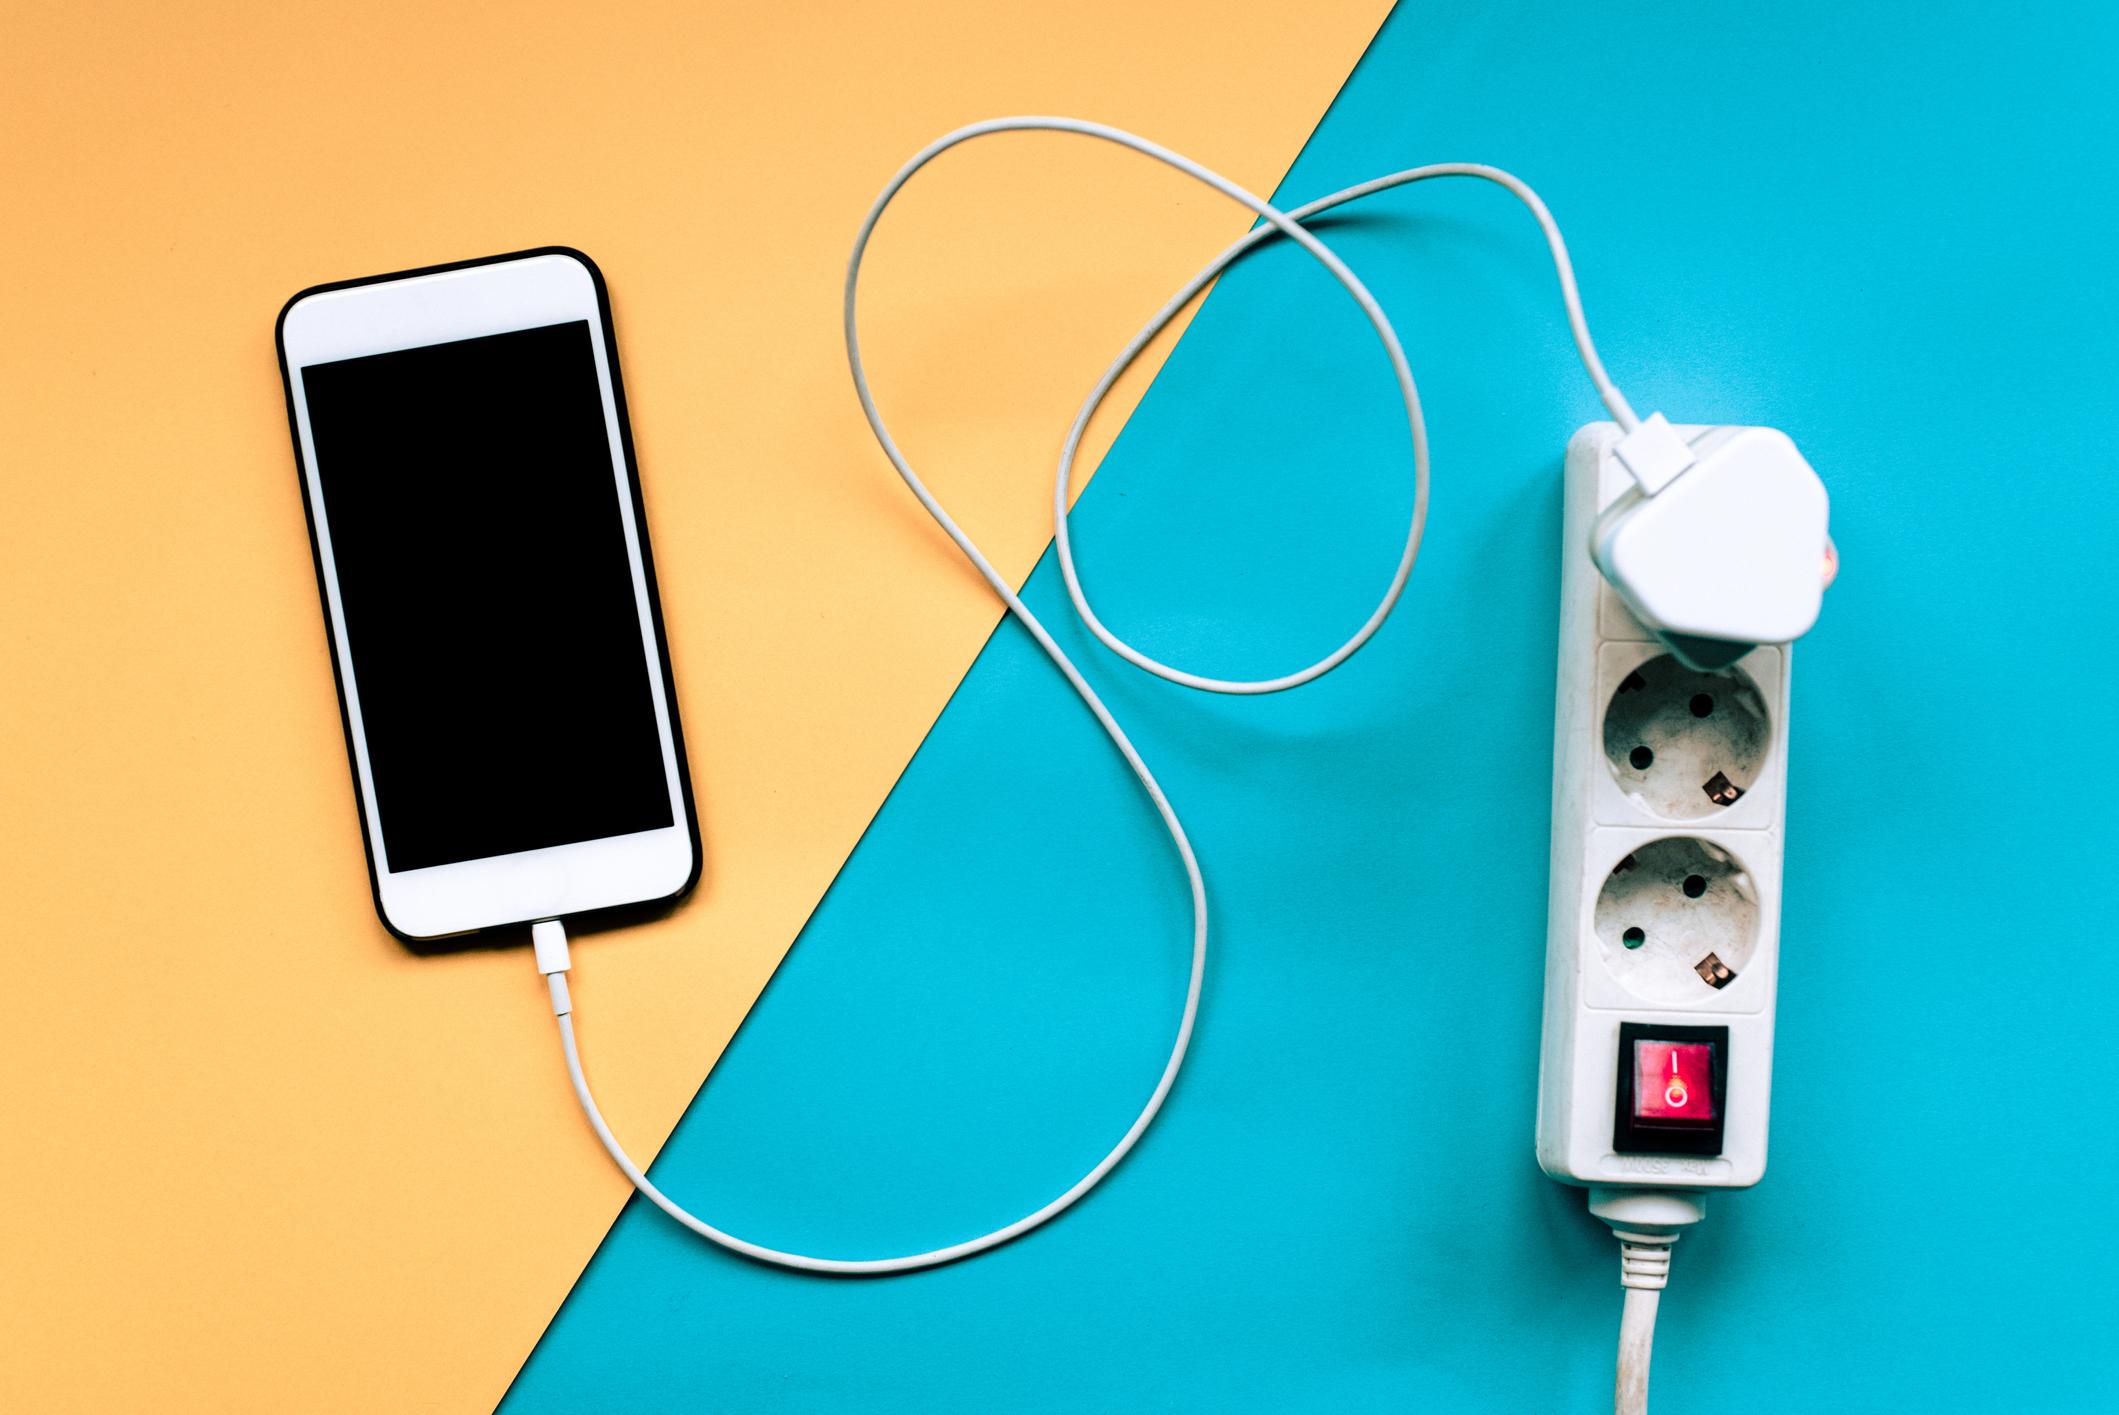 ¡No lo hagas! Cuida la batería de tu celular evitando estas malas prácticas